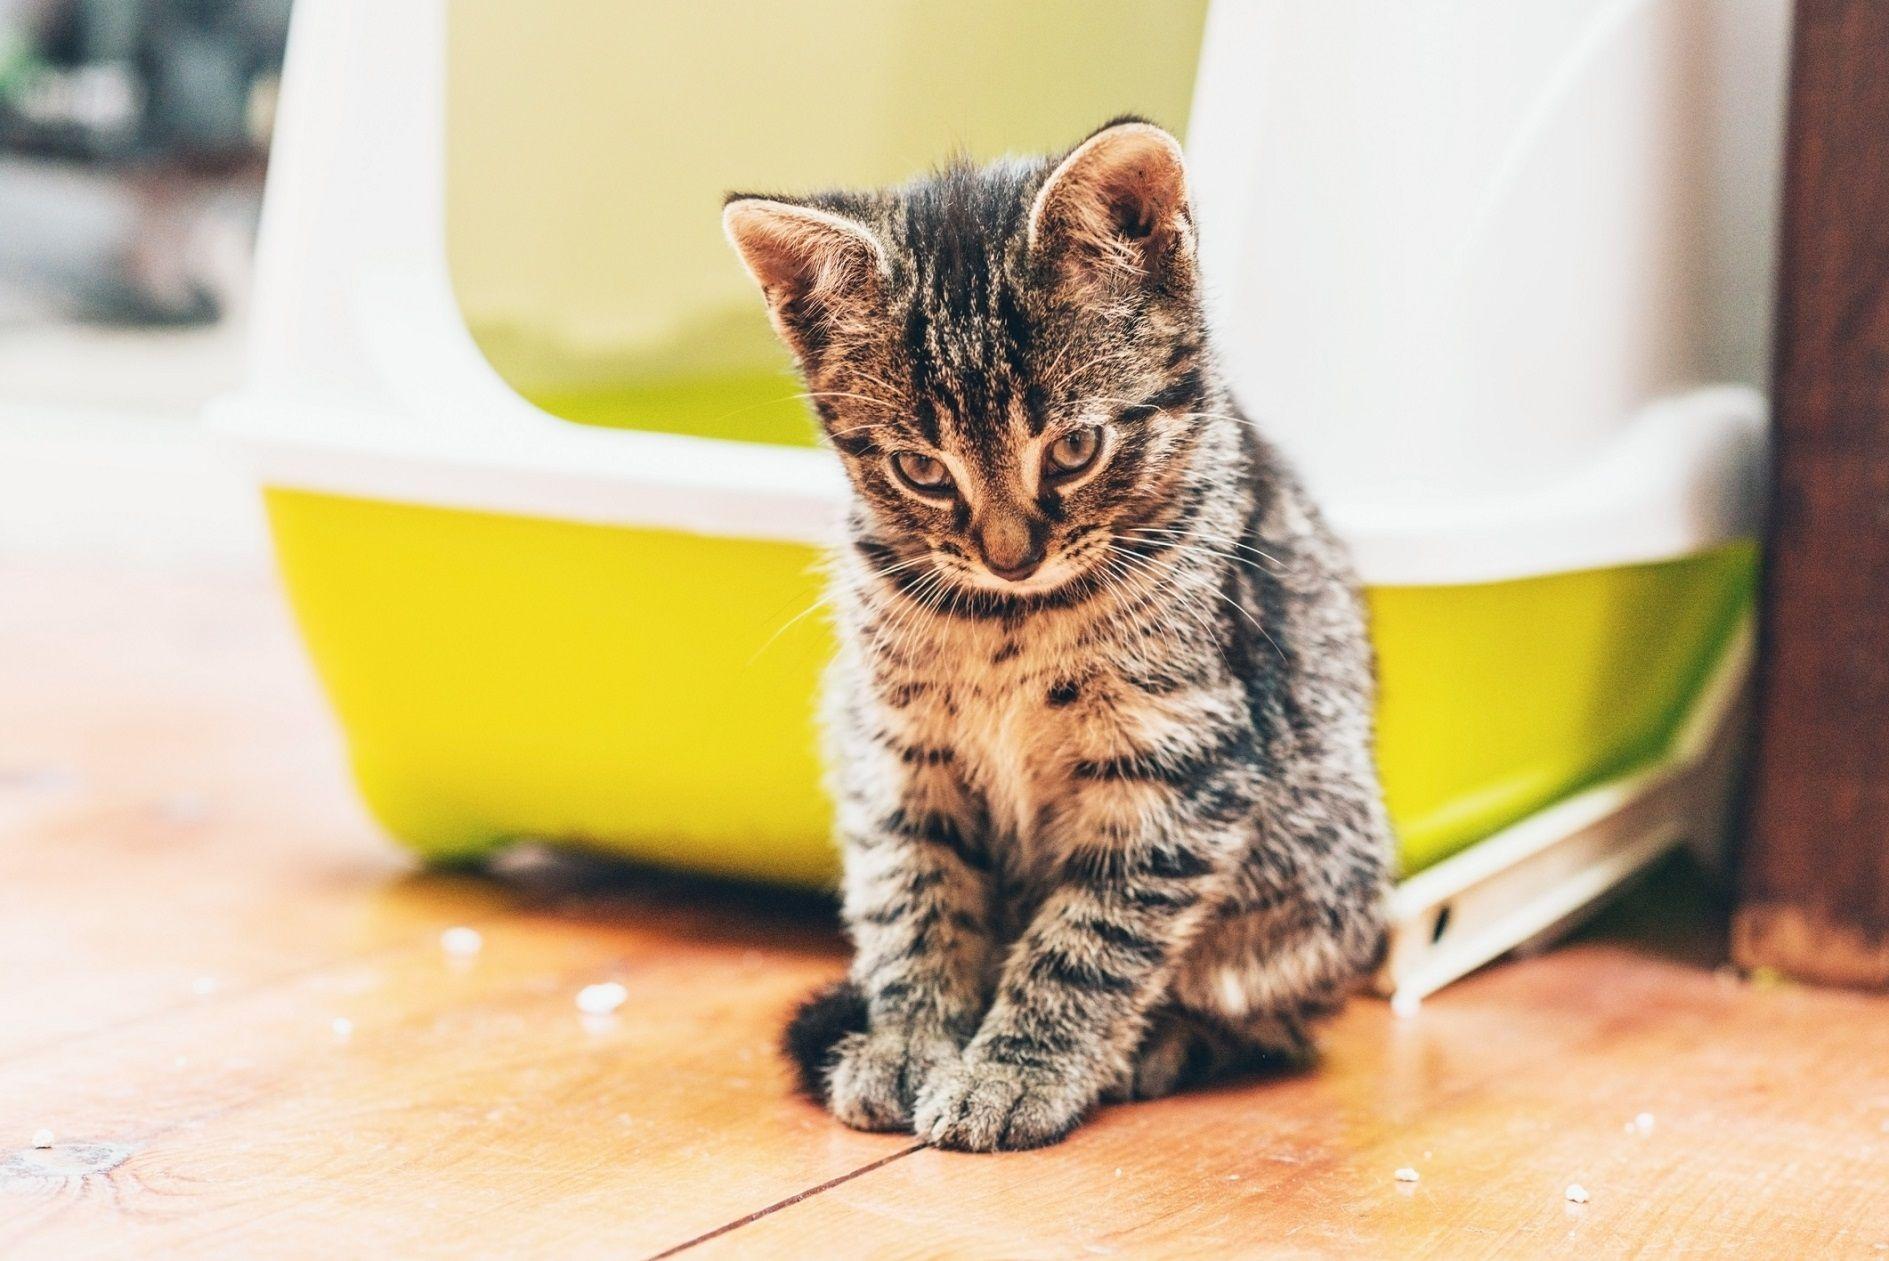 Costruire Lettiera Per Gatti soluzioni creative per nascondere la lettiera dei gatti